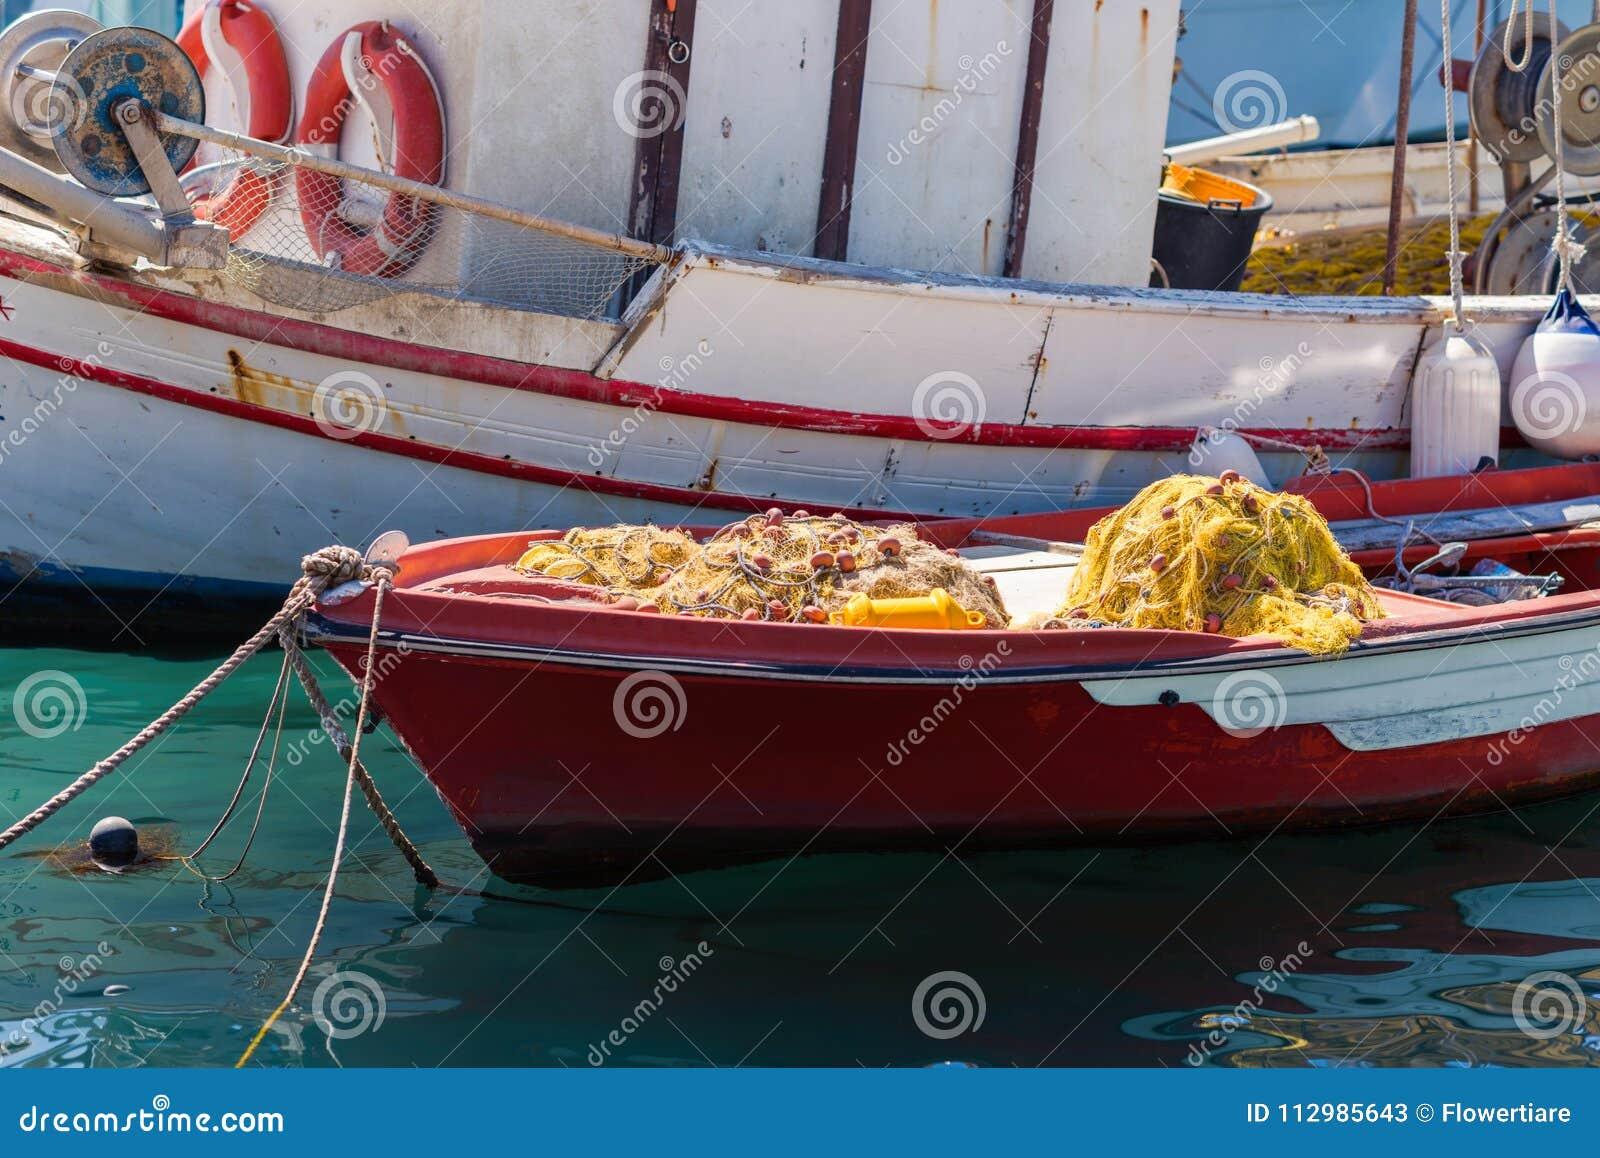 Fishing net in a fishing boat.